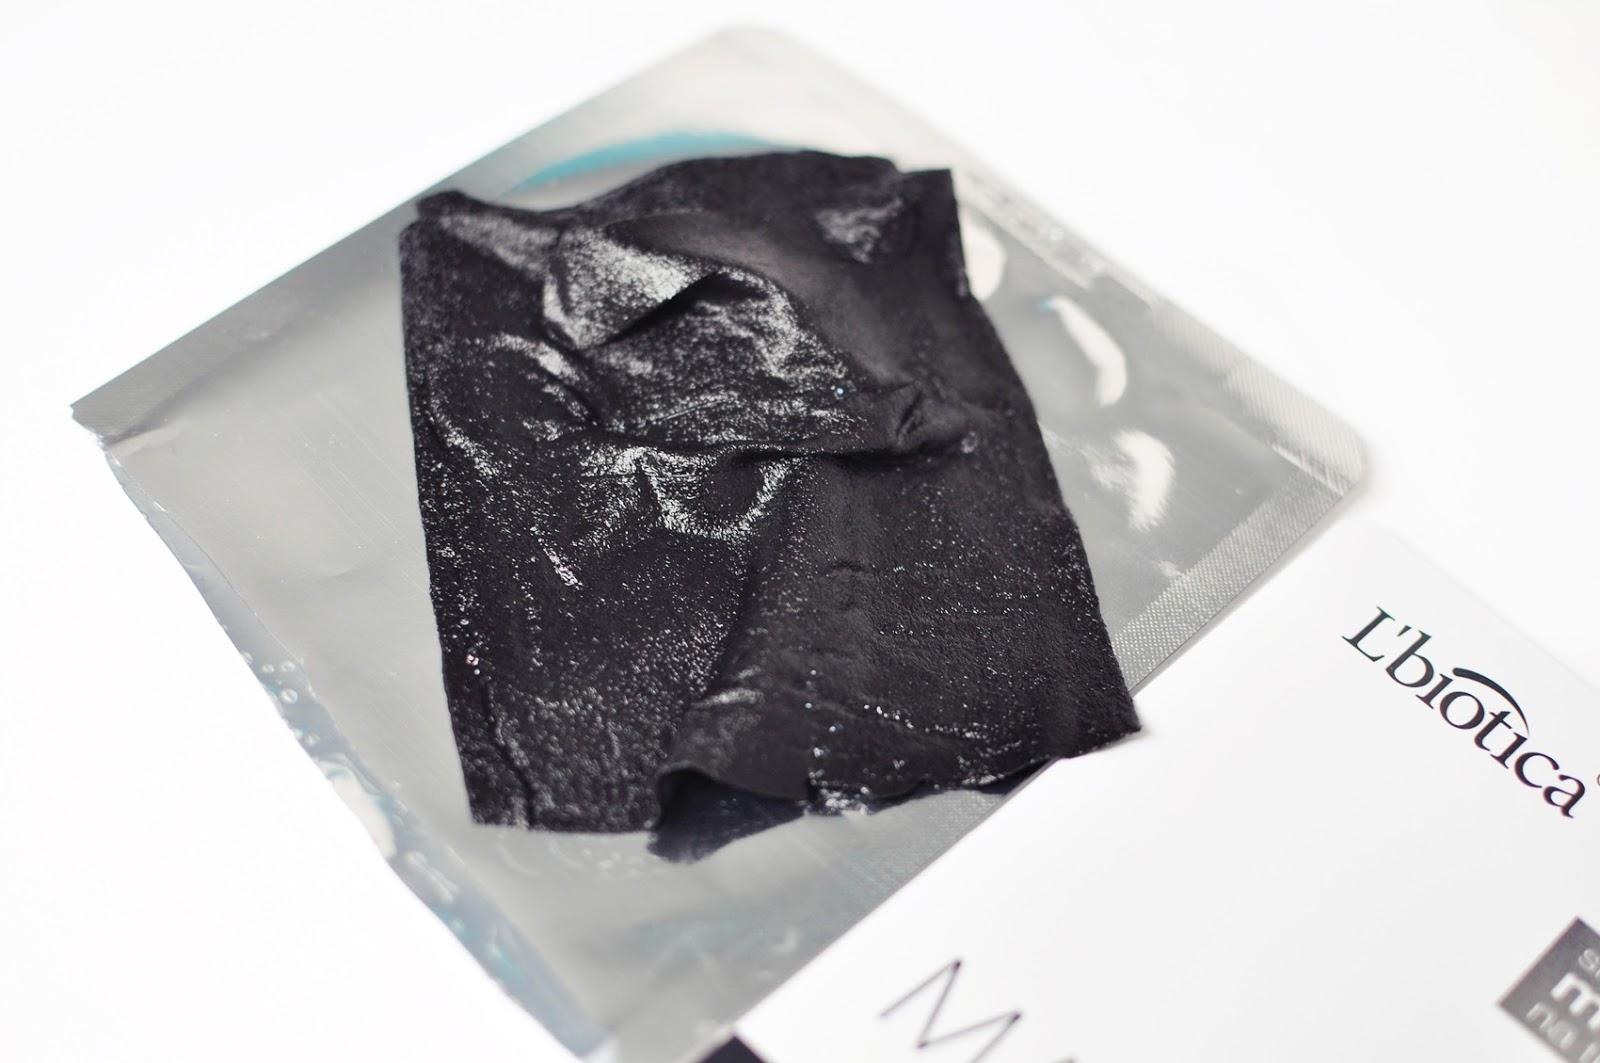 maska-węglowa-lbiotica-opinia